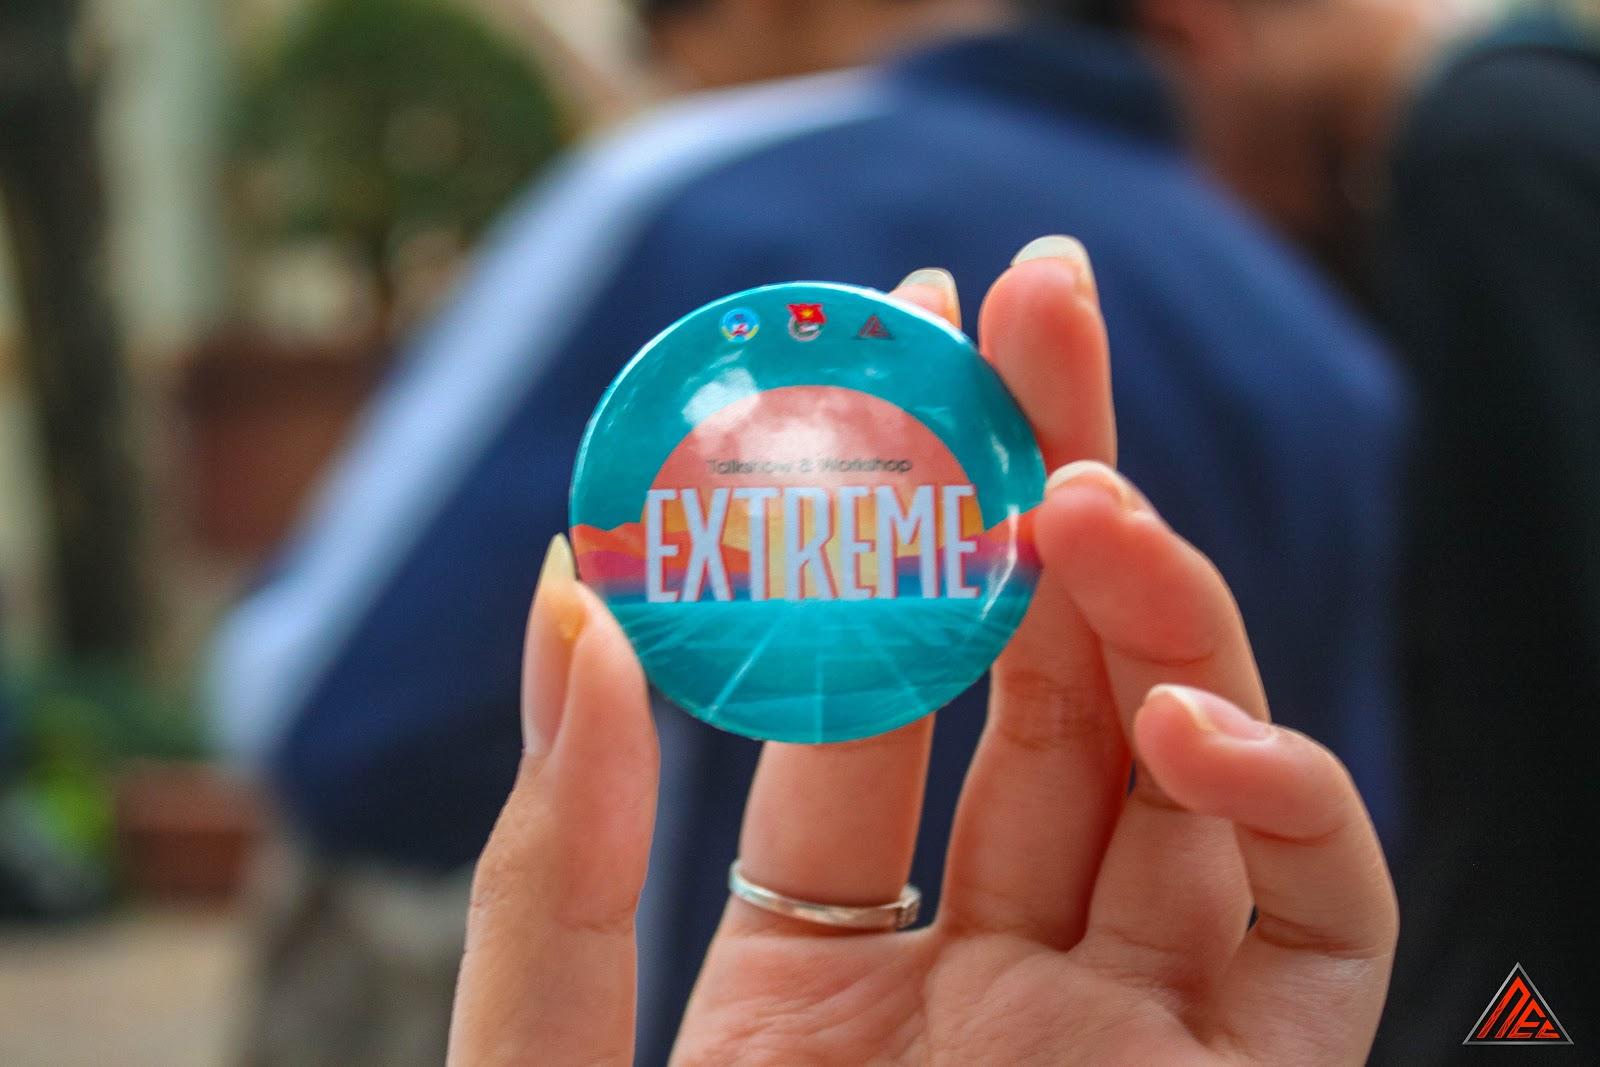 Chuỗi sự kiện Talkshow & Orientation Day: Extreme - Sự hòa hợp của Kinh tế và eSports 5